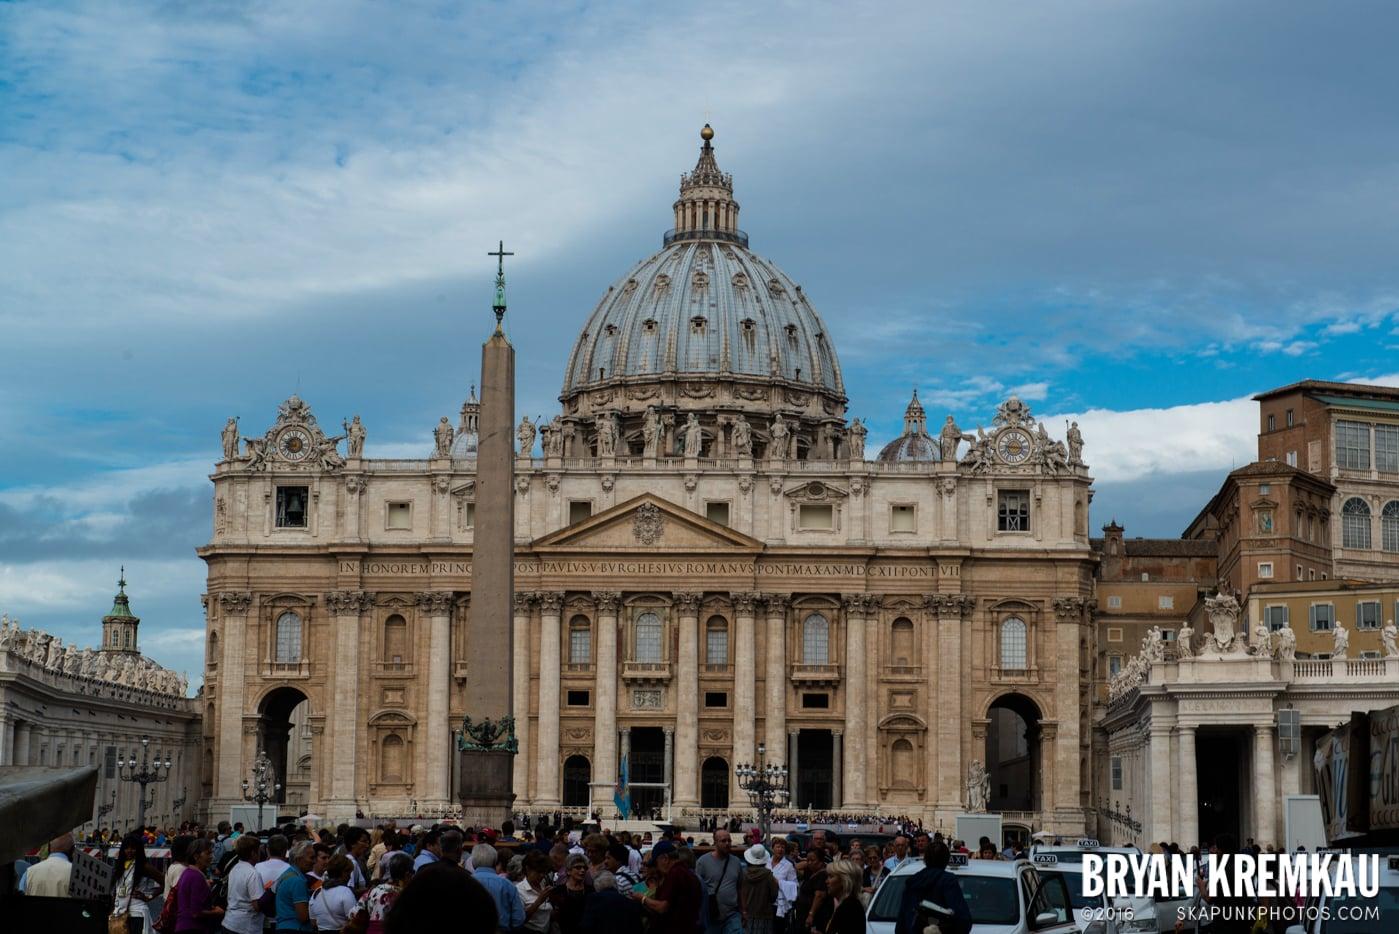 Italy Vacation - Day 3: Rome - 9.11.13 (77)